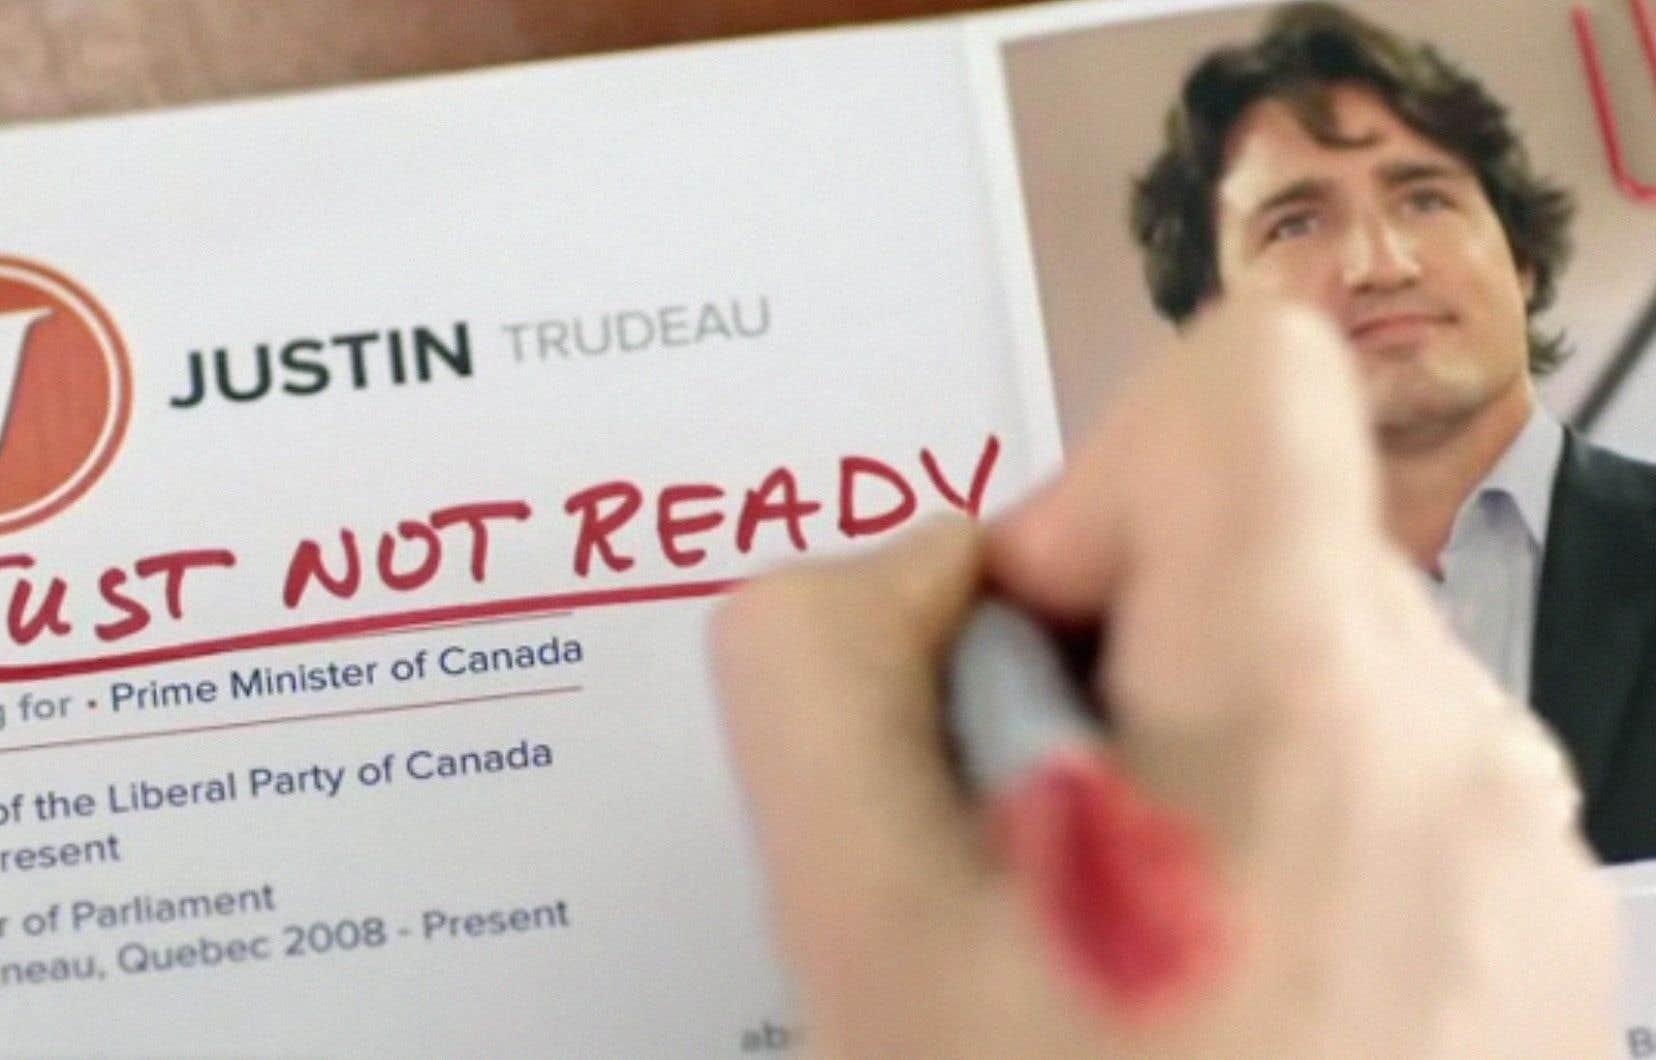 La publicité du Parti conservateur présente une sorte de comité d'embauche pour le poste de premier ministre, au moment où celui-ci étudie le C.V. de Justin Trudeau.